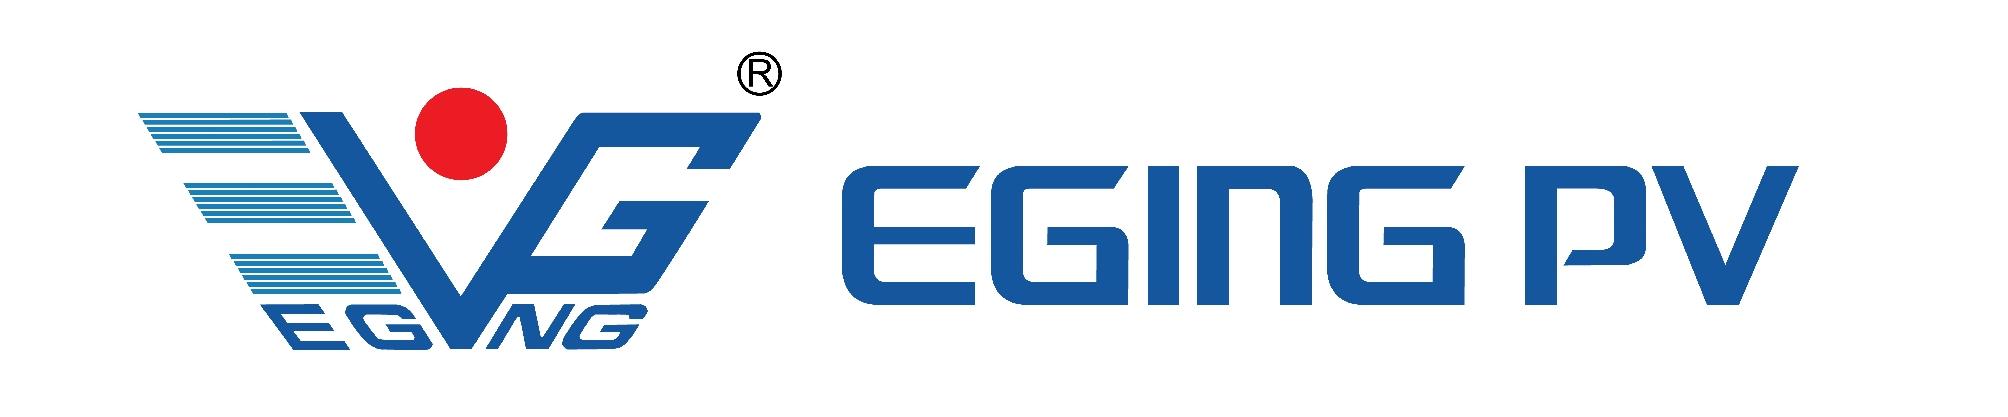 EGING - Moduły słoneczne, baterie słoneczne, panele słoneczne